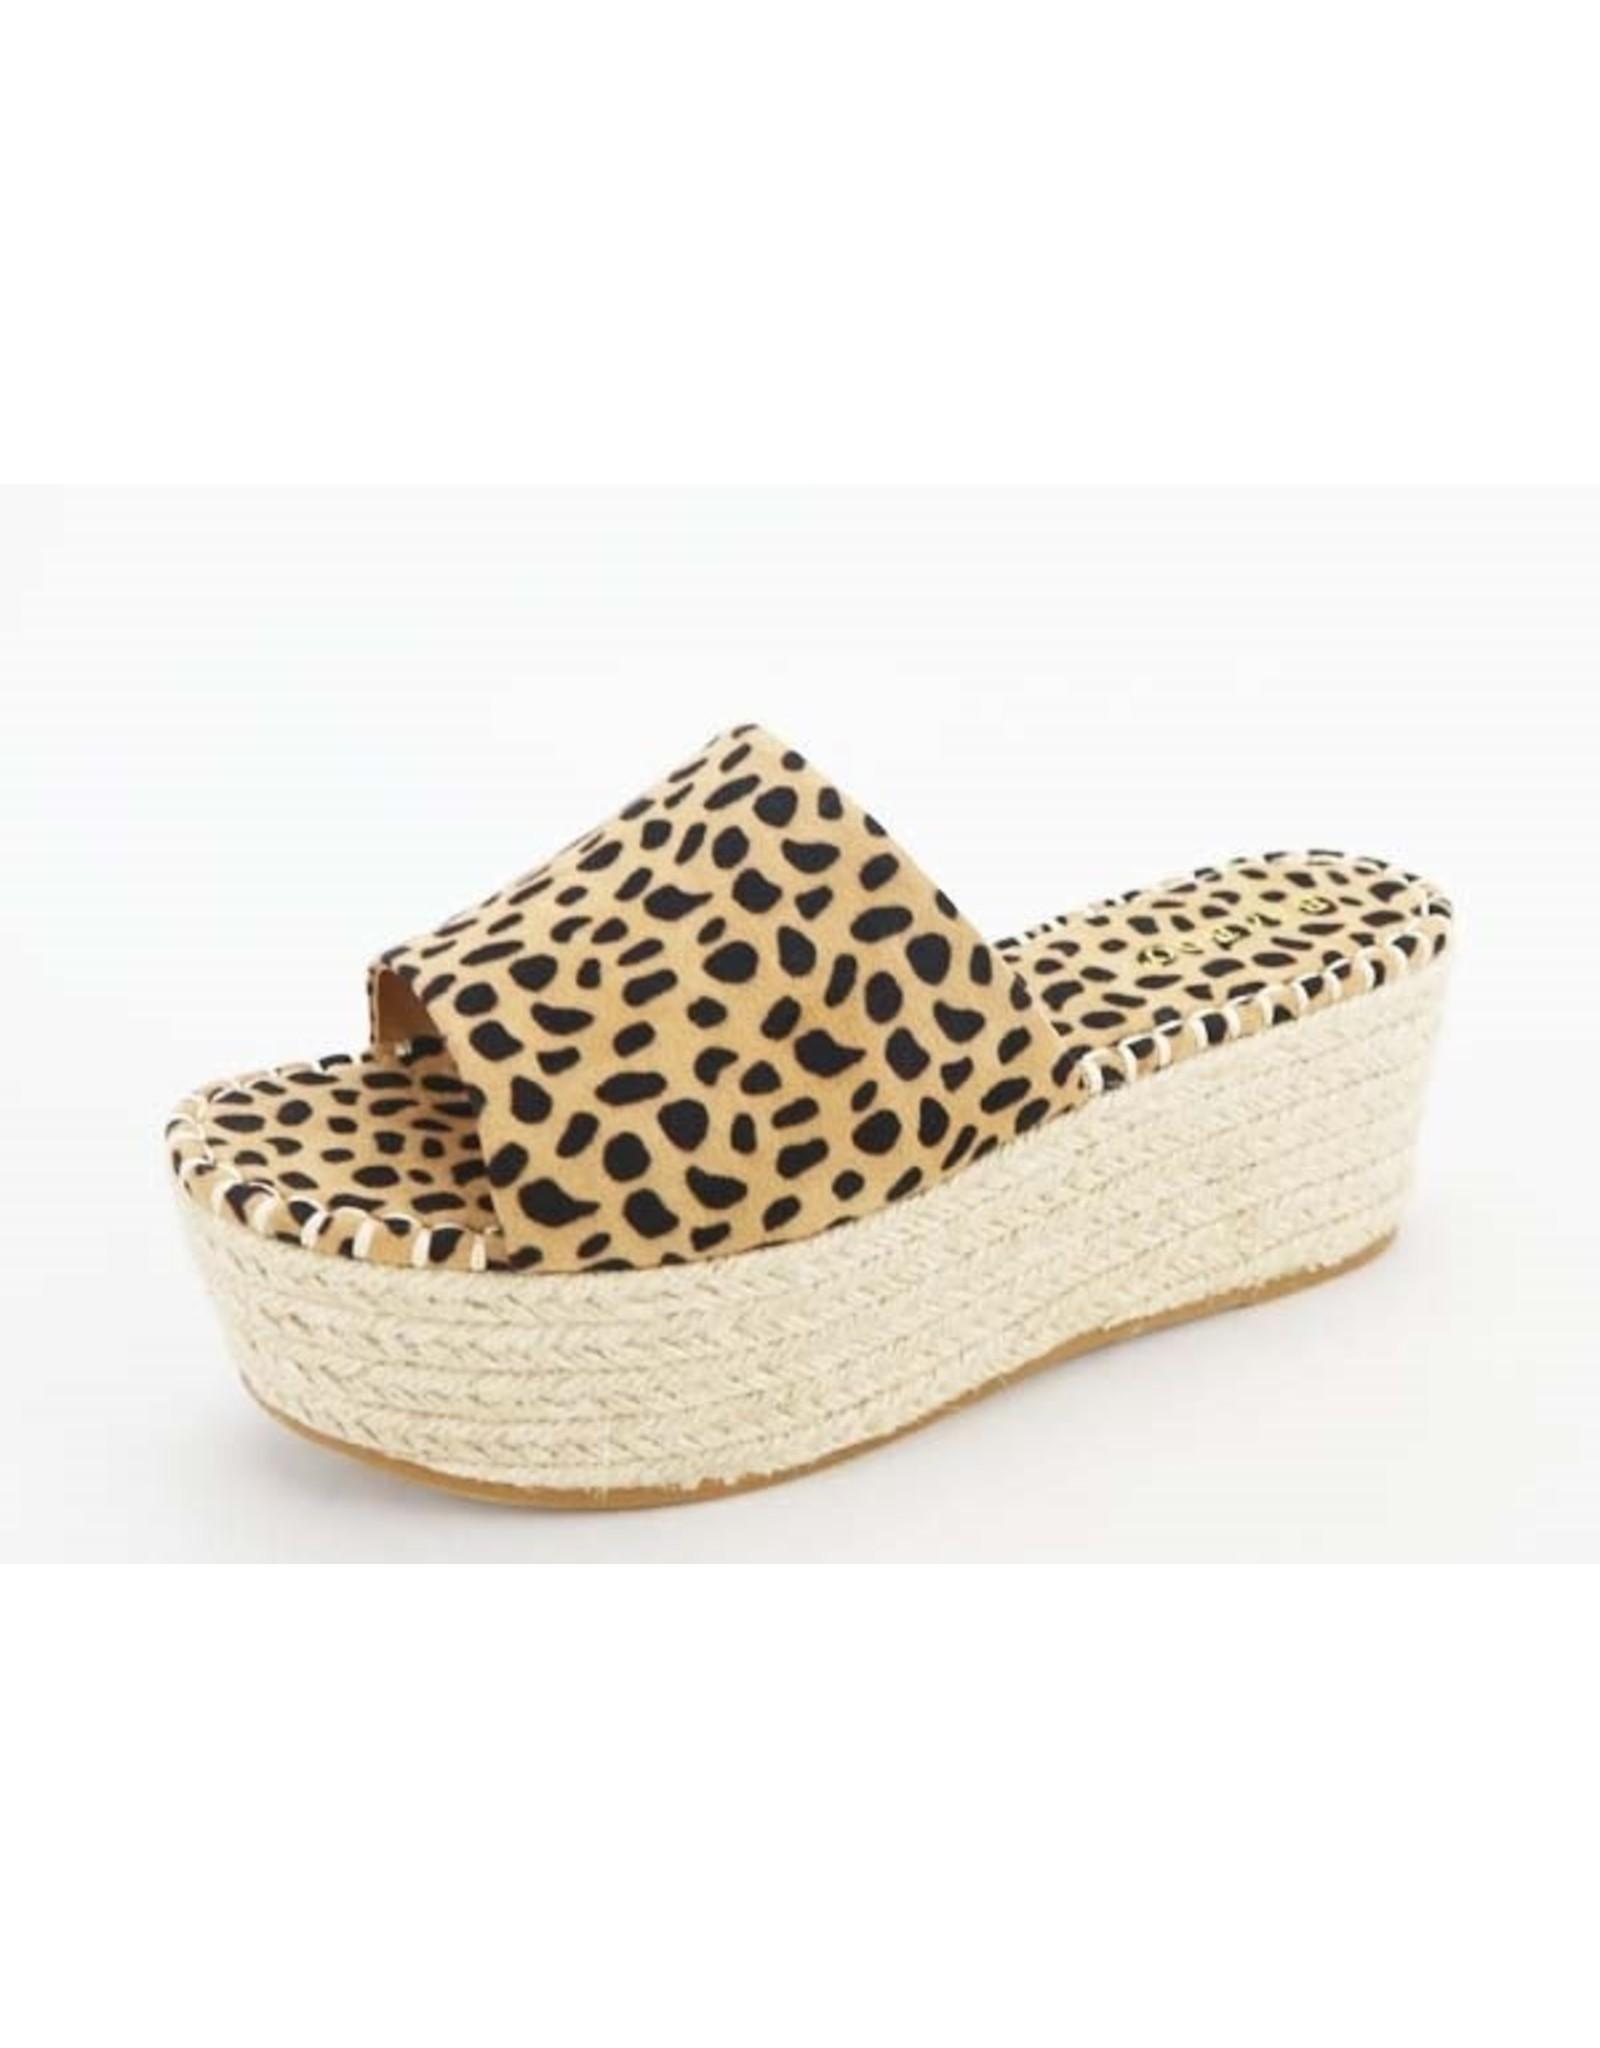 MAGNOLIA Wedge Slide Leopard Sandal